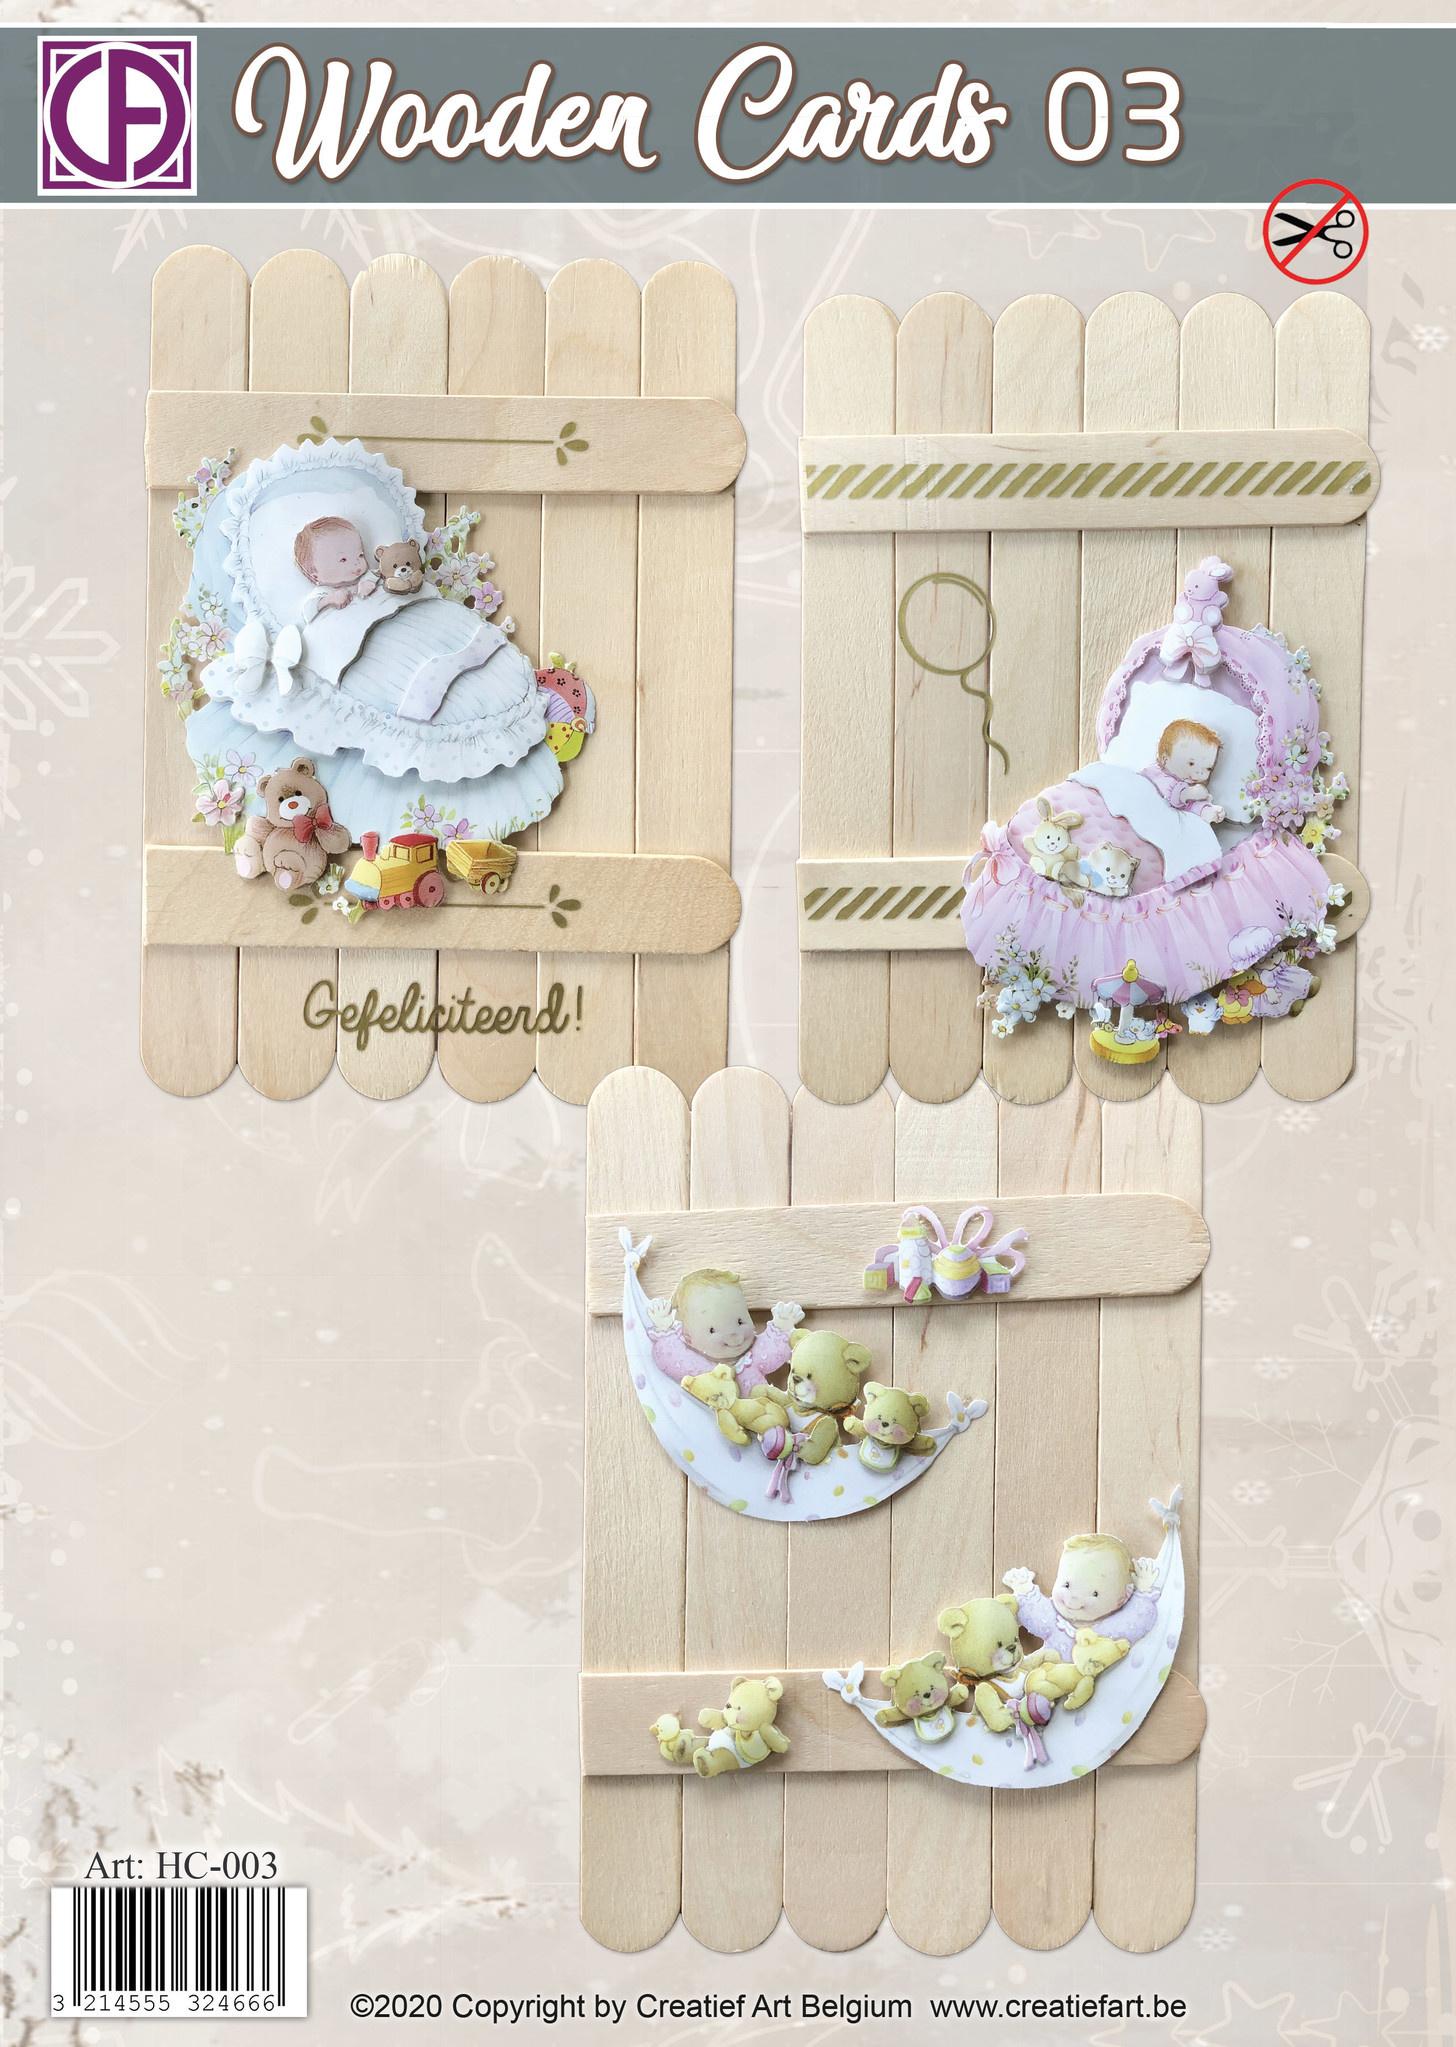 Creatief Art Wooden Cards 03 - Baby